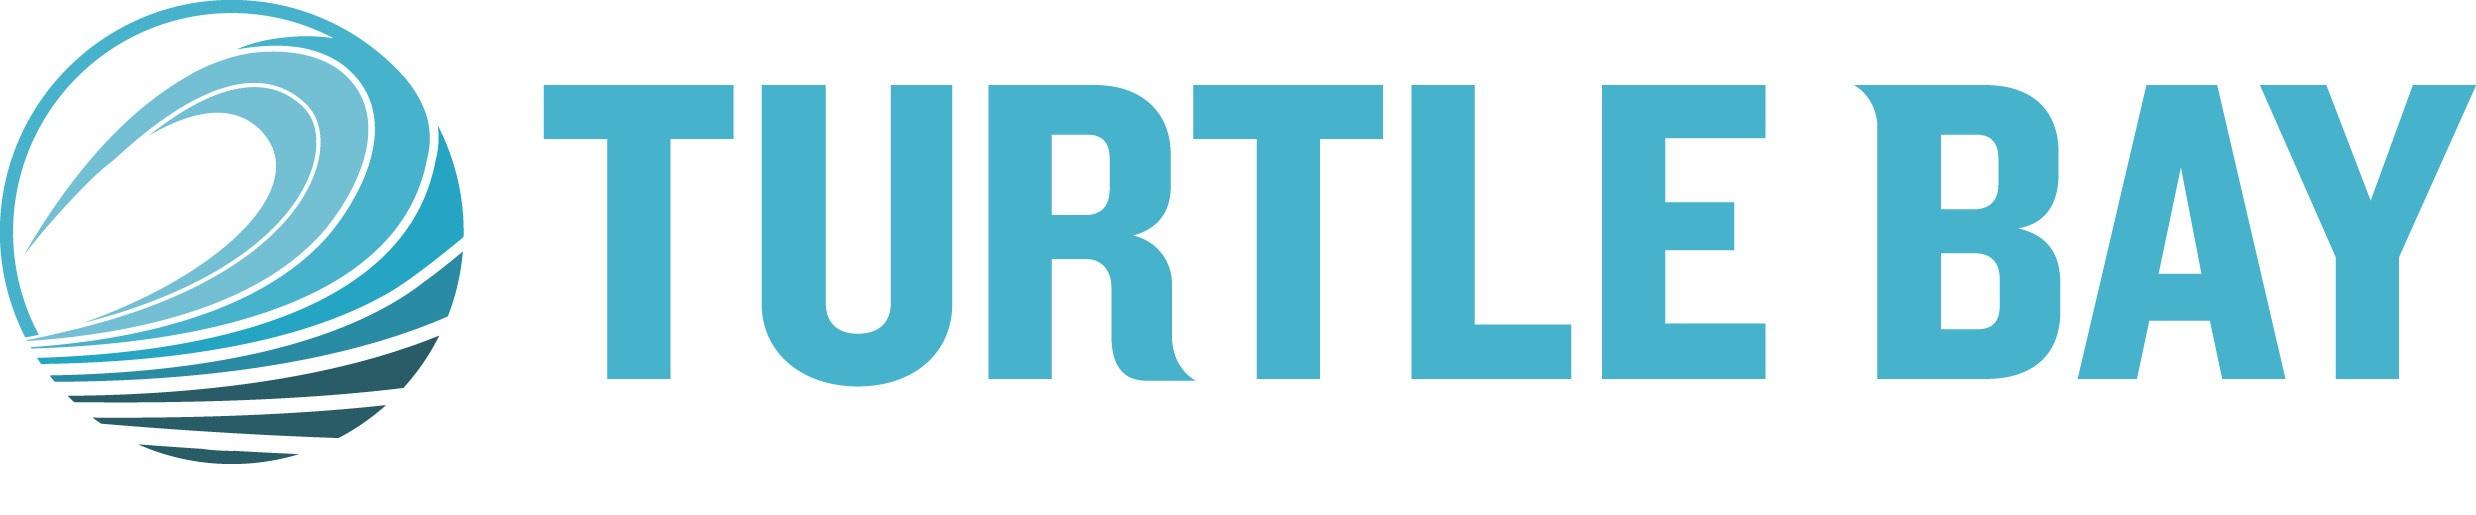 TBR_LogoStack_Tagline_FullColor_cmyk